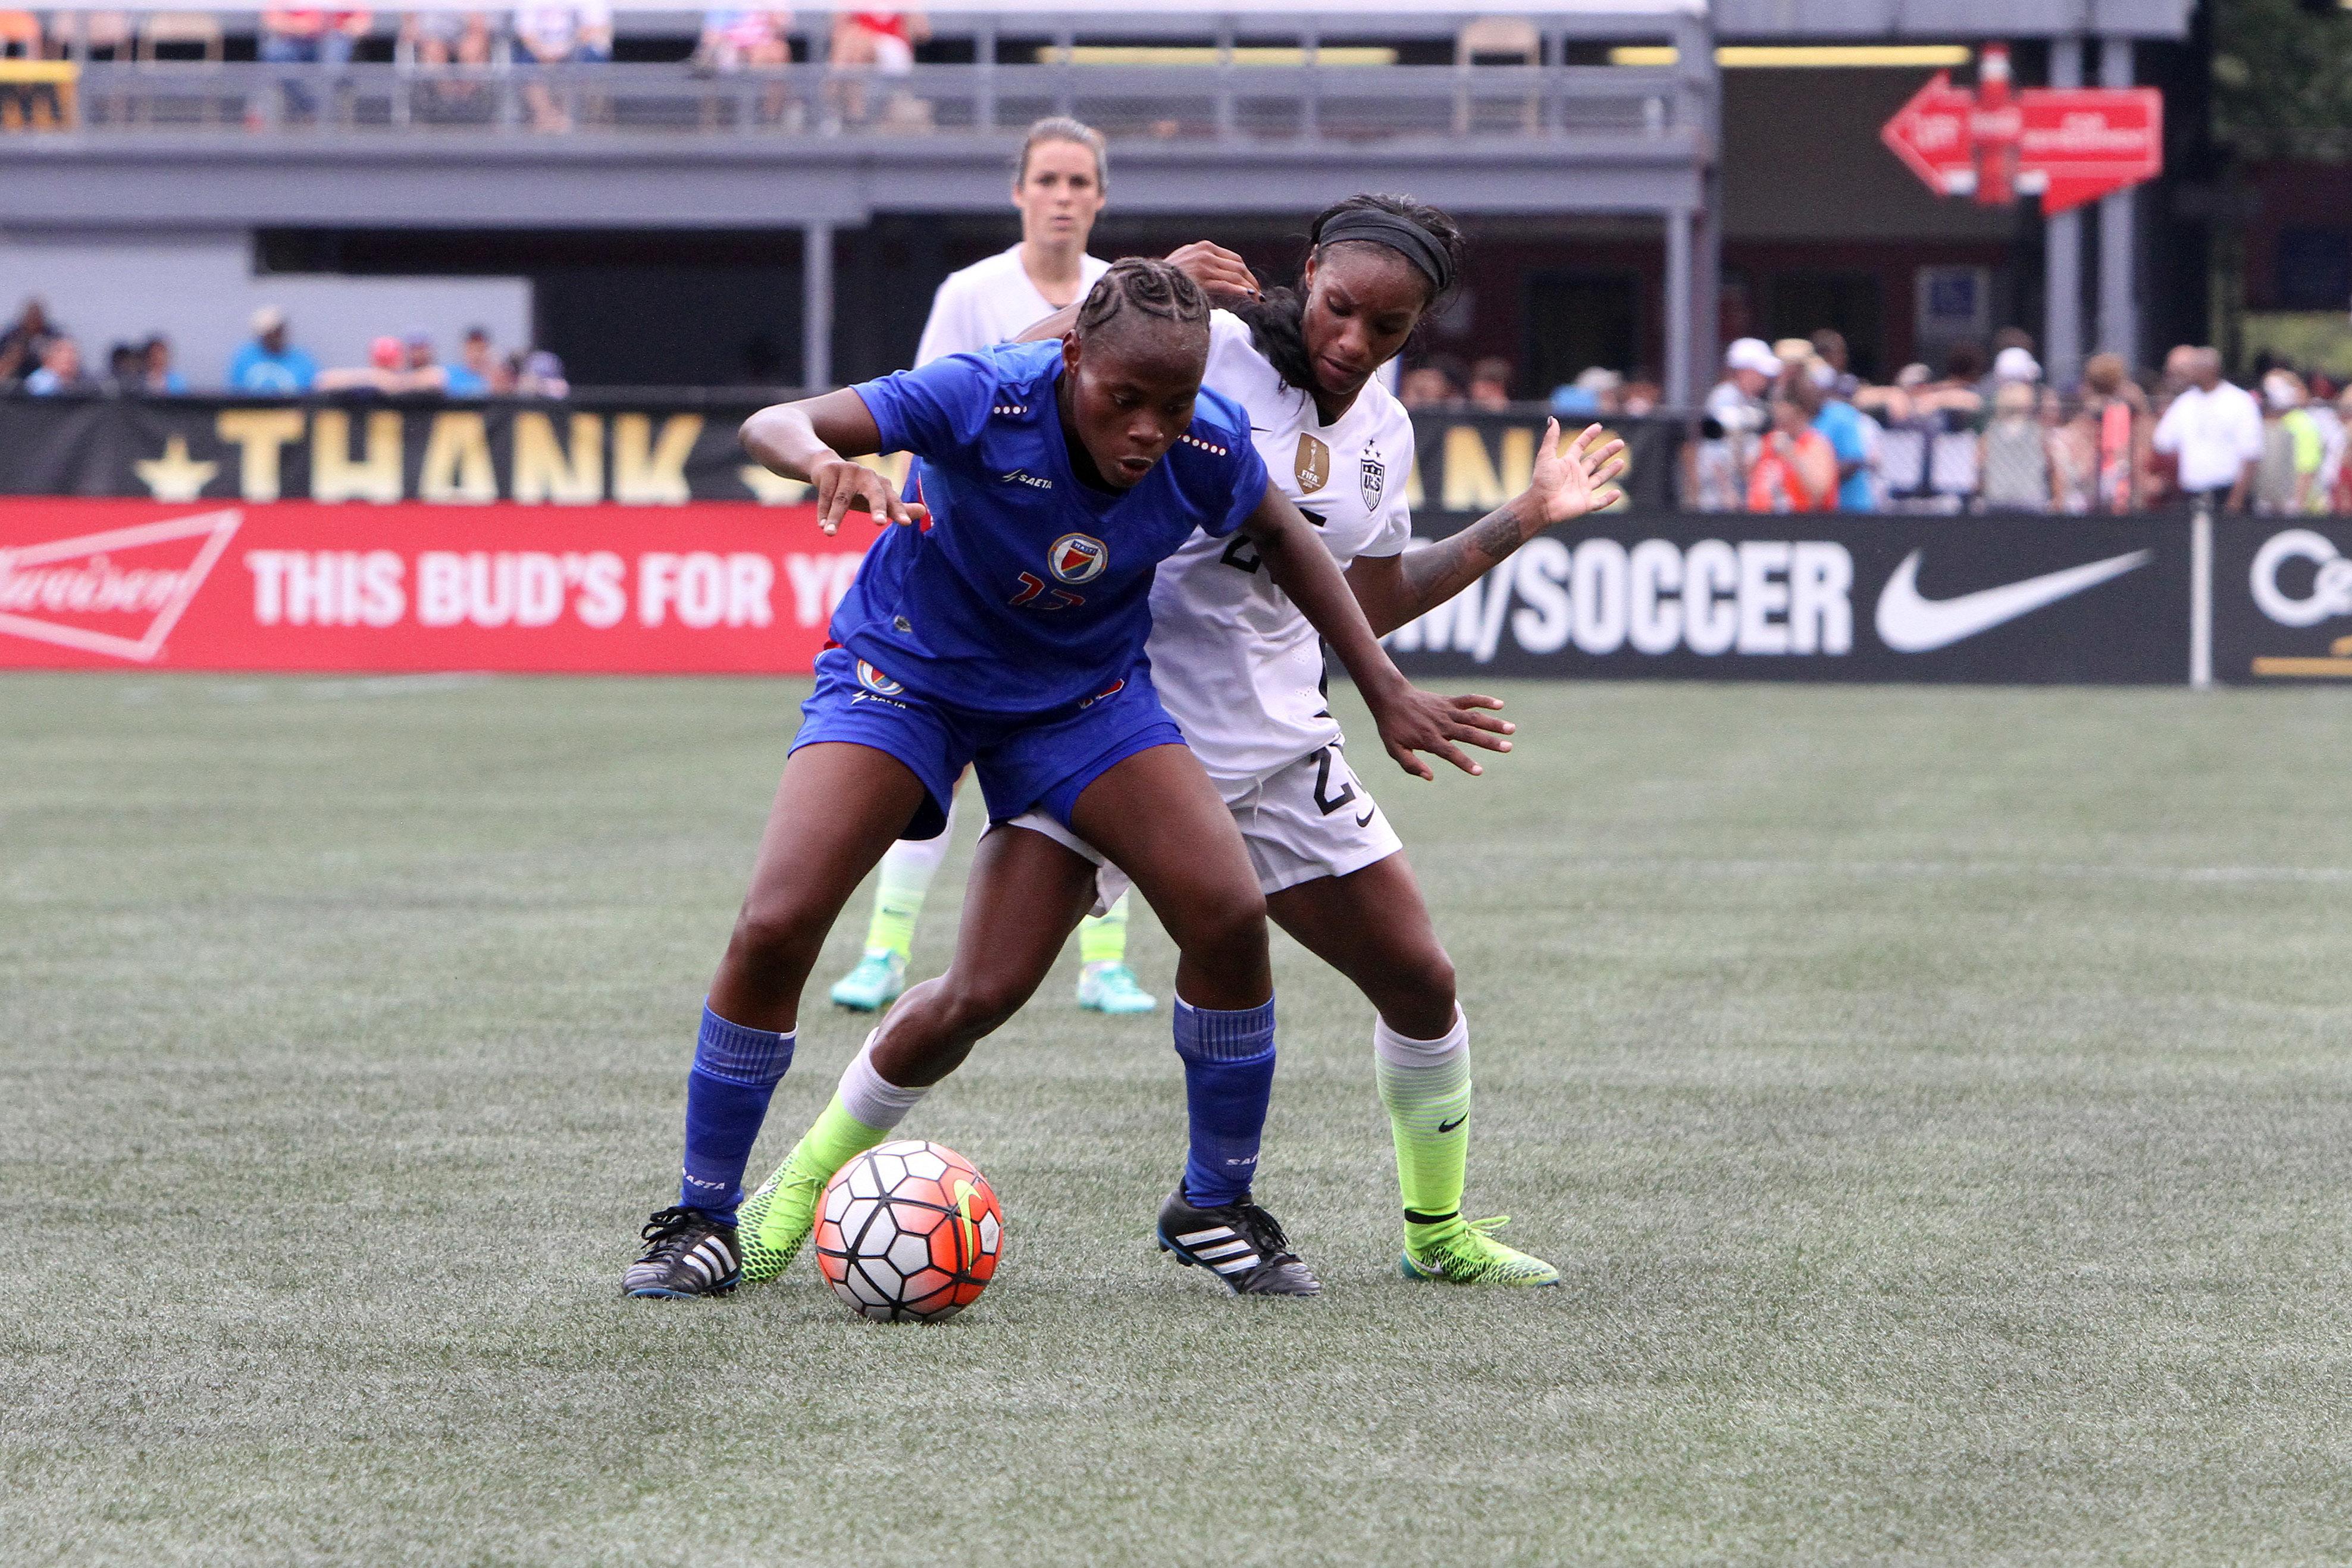 足球:09月20日女子 - 海地v美国